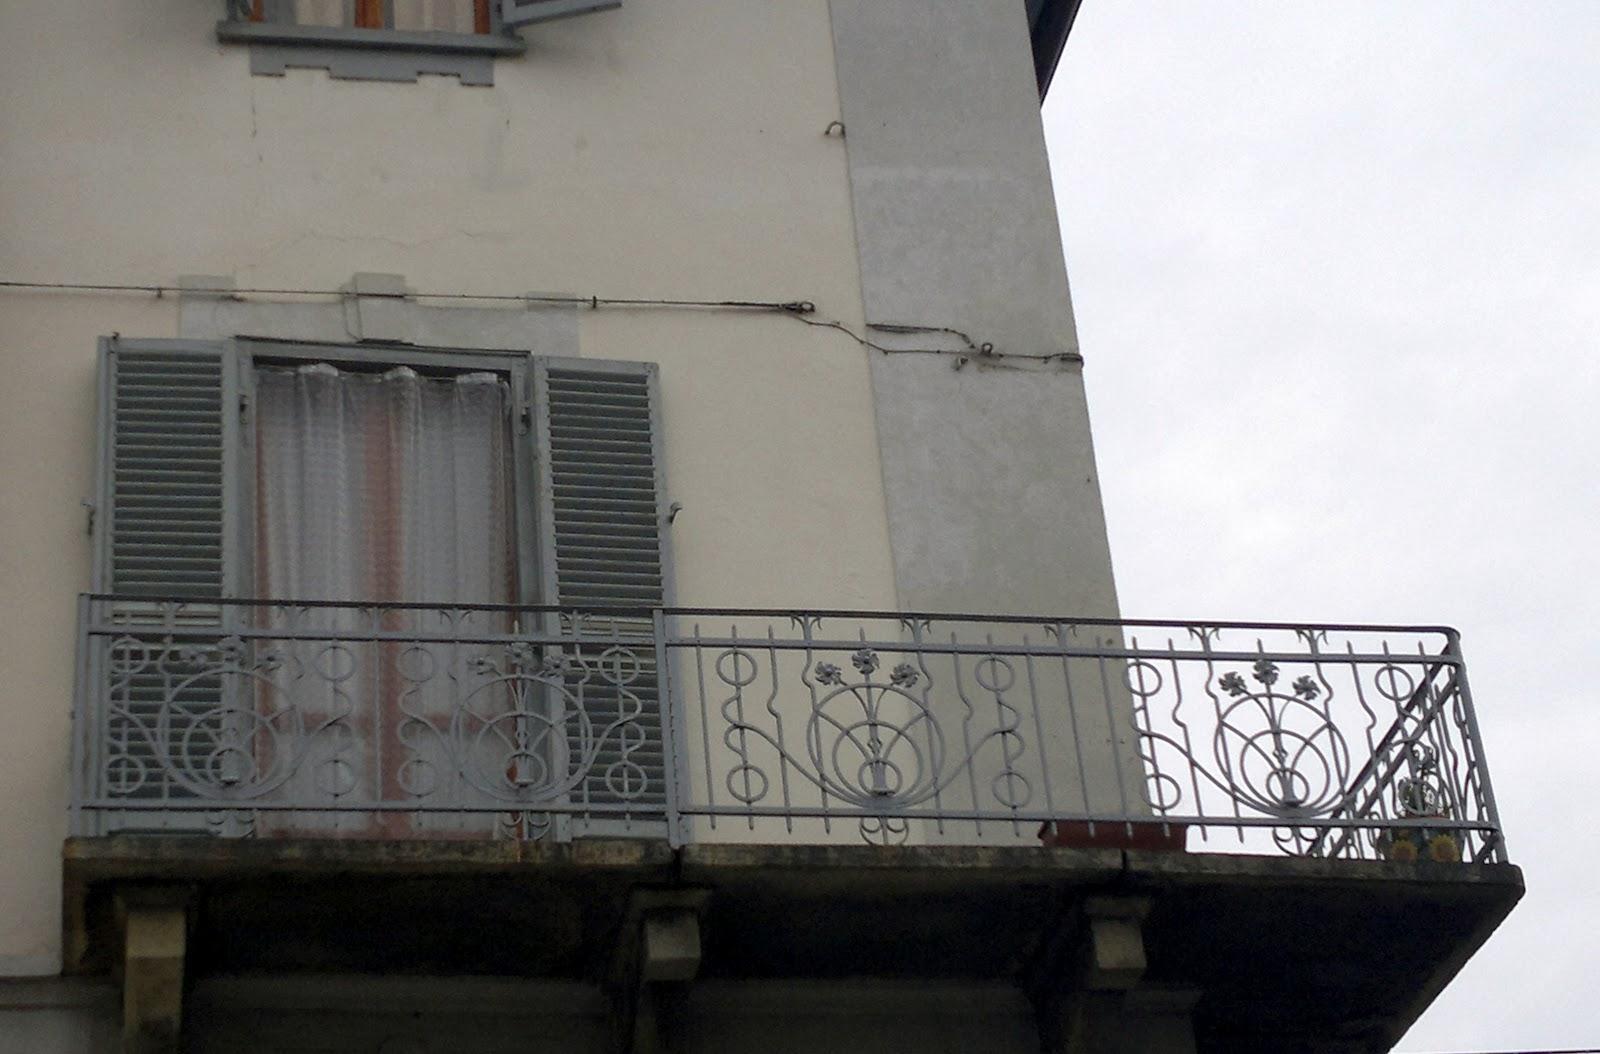 Archi tetti arredo urbano in ferro battuto for Archi arredo